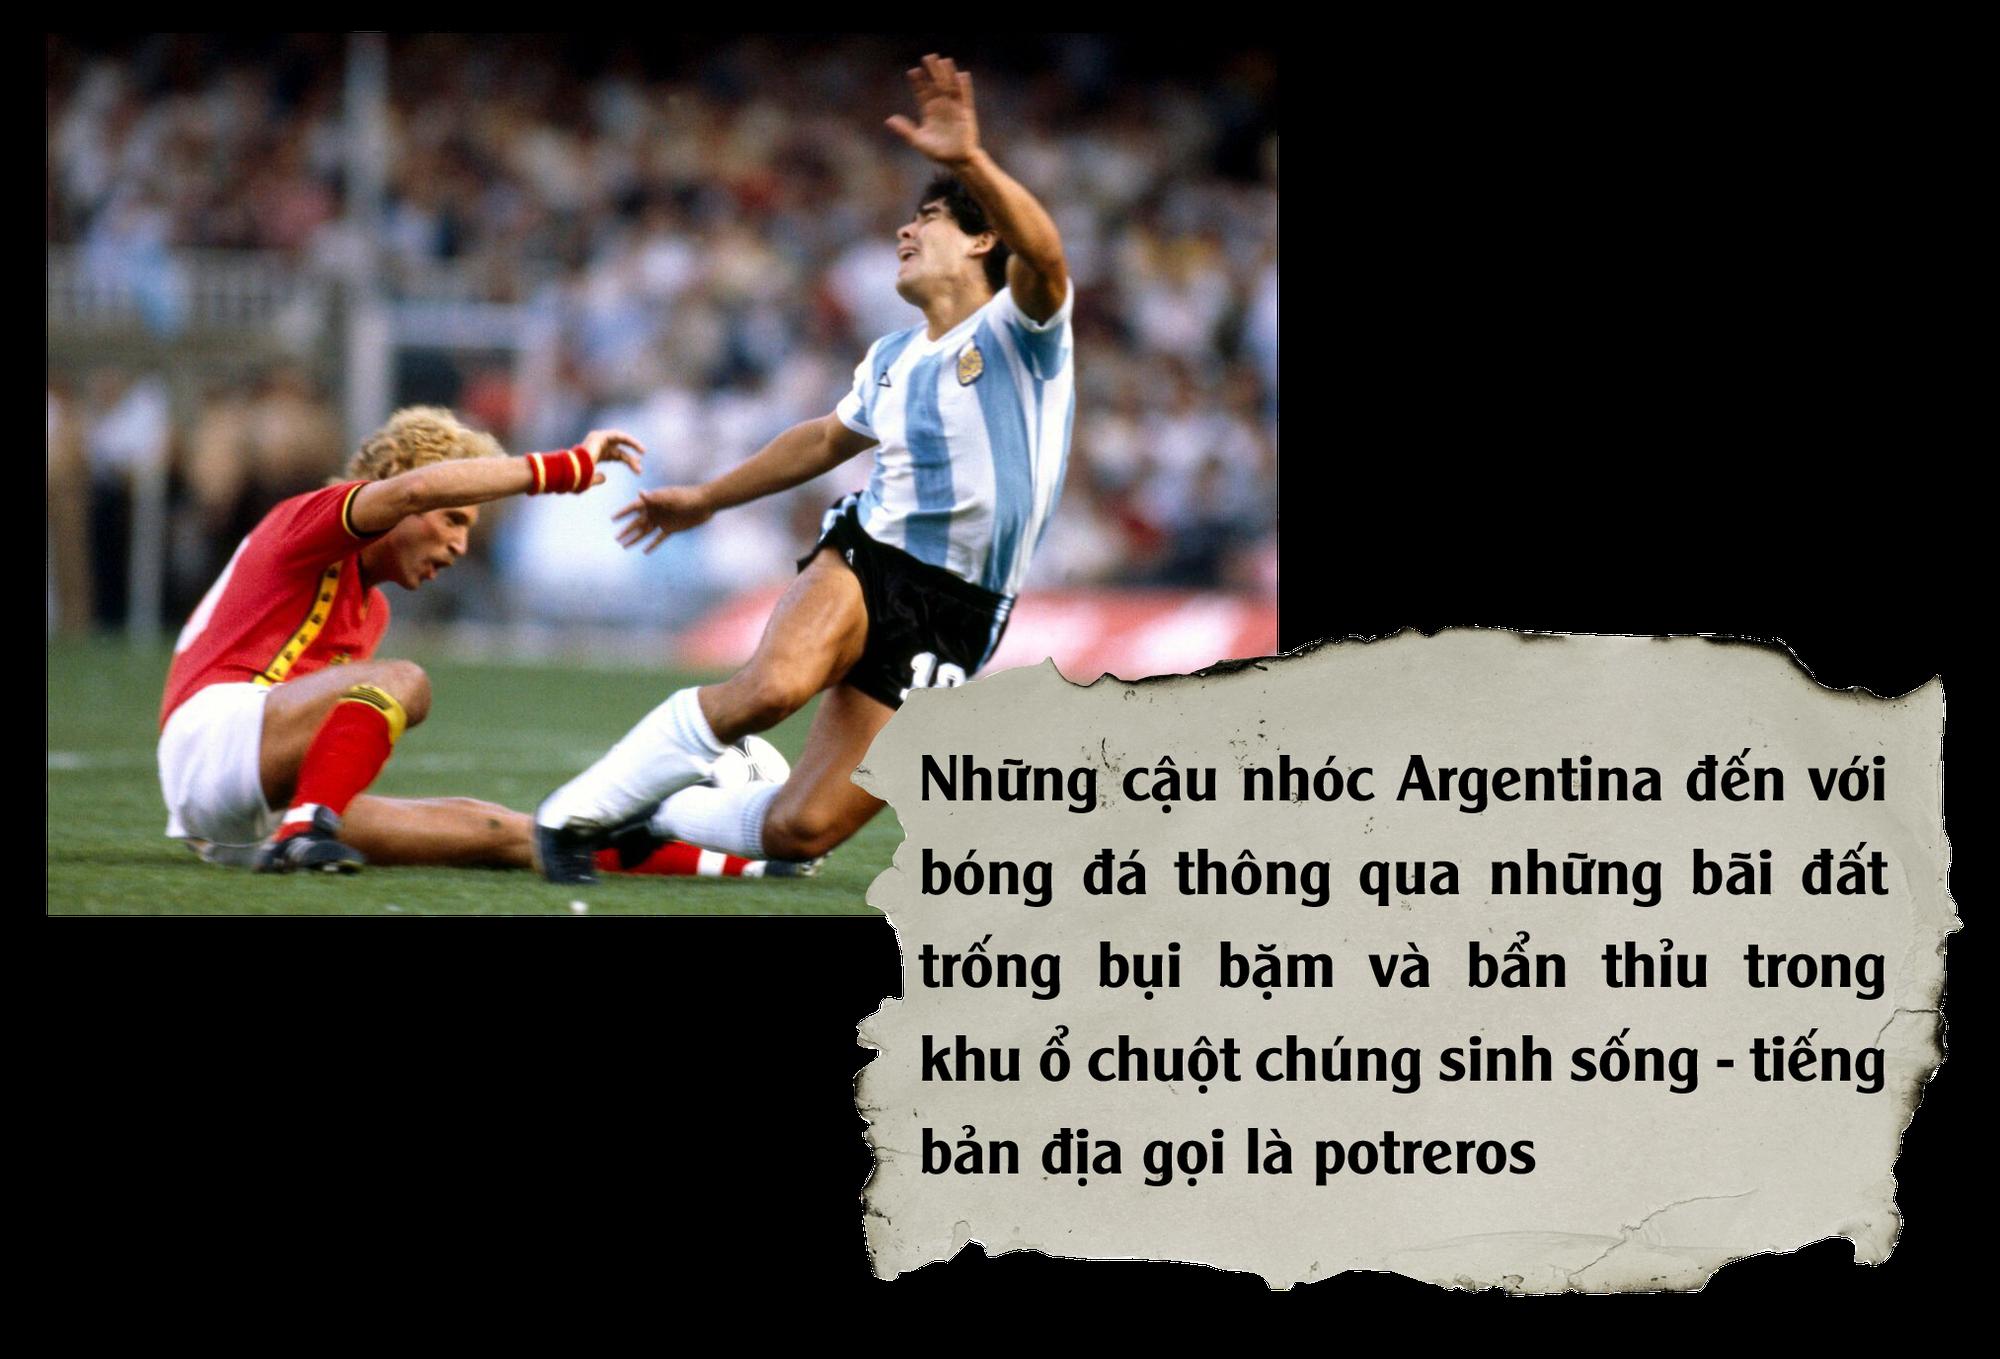 Diego Maradona: Vĩnh biệt vị lãnh tụ thiên tài ứng nghiệm từ lời tiên tri - Ảnh 3.